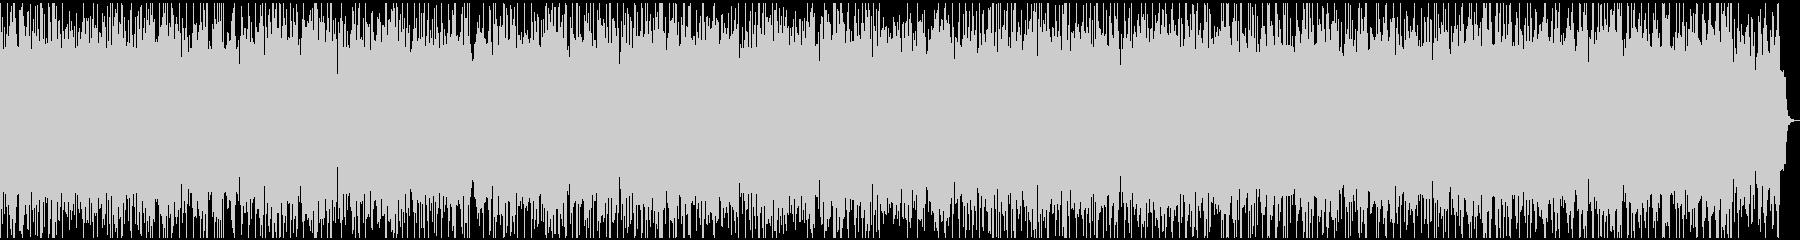 9分ケルトバイオリンワールドミュージックの未再生の波形